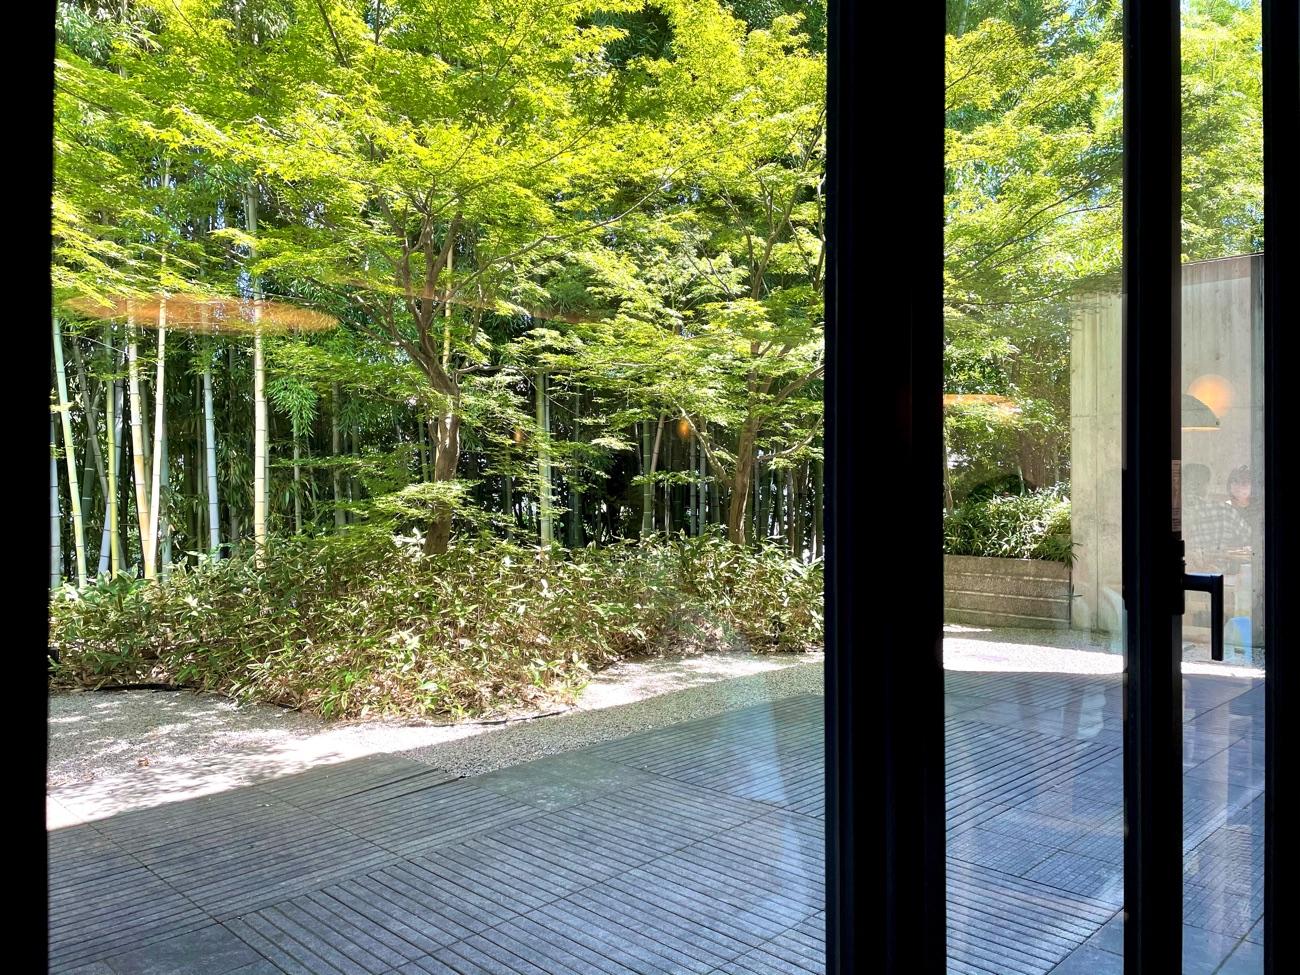 キラキラと輝く竹林